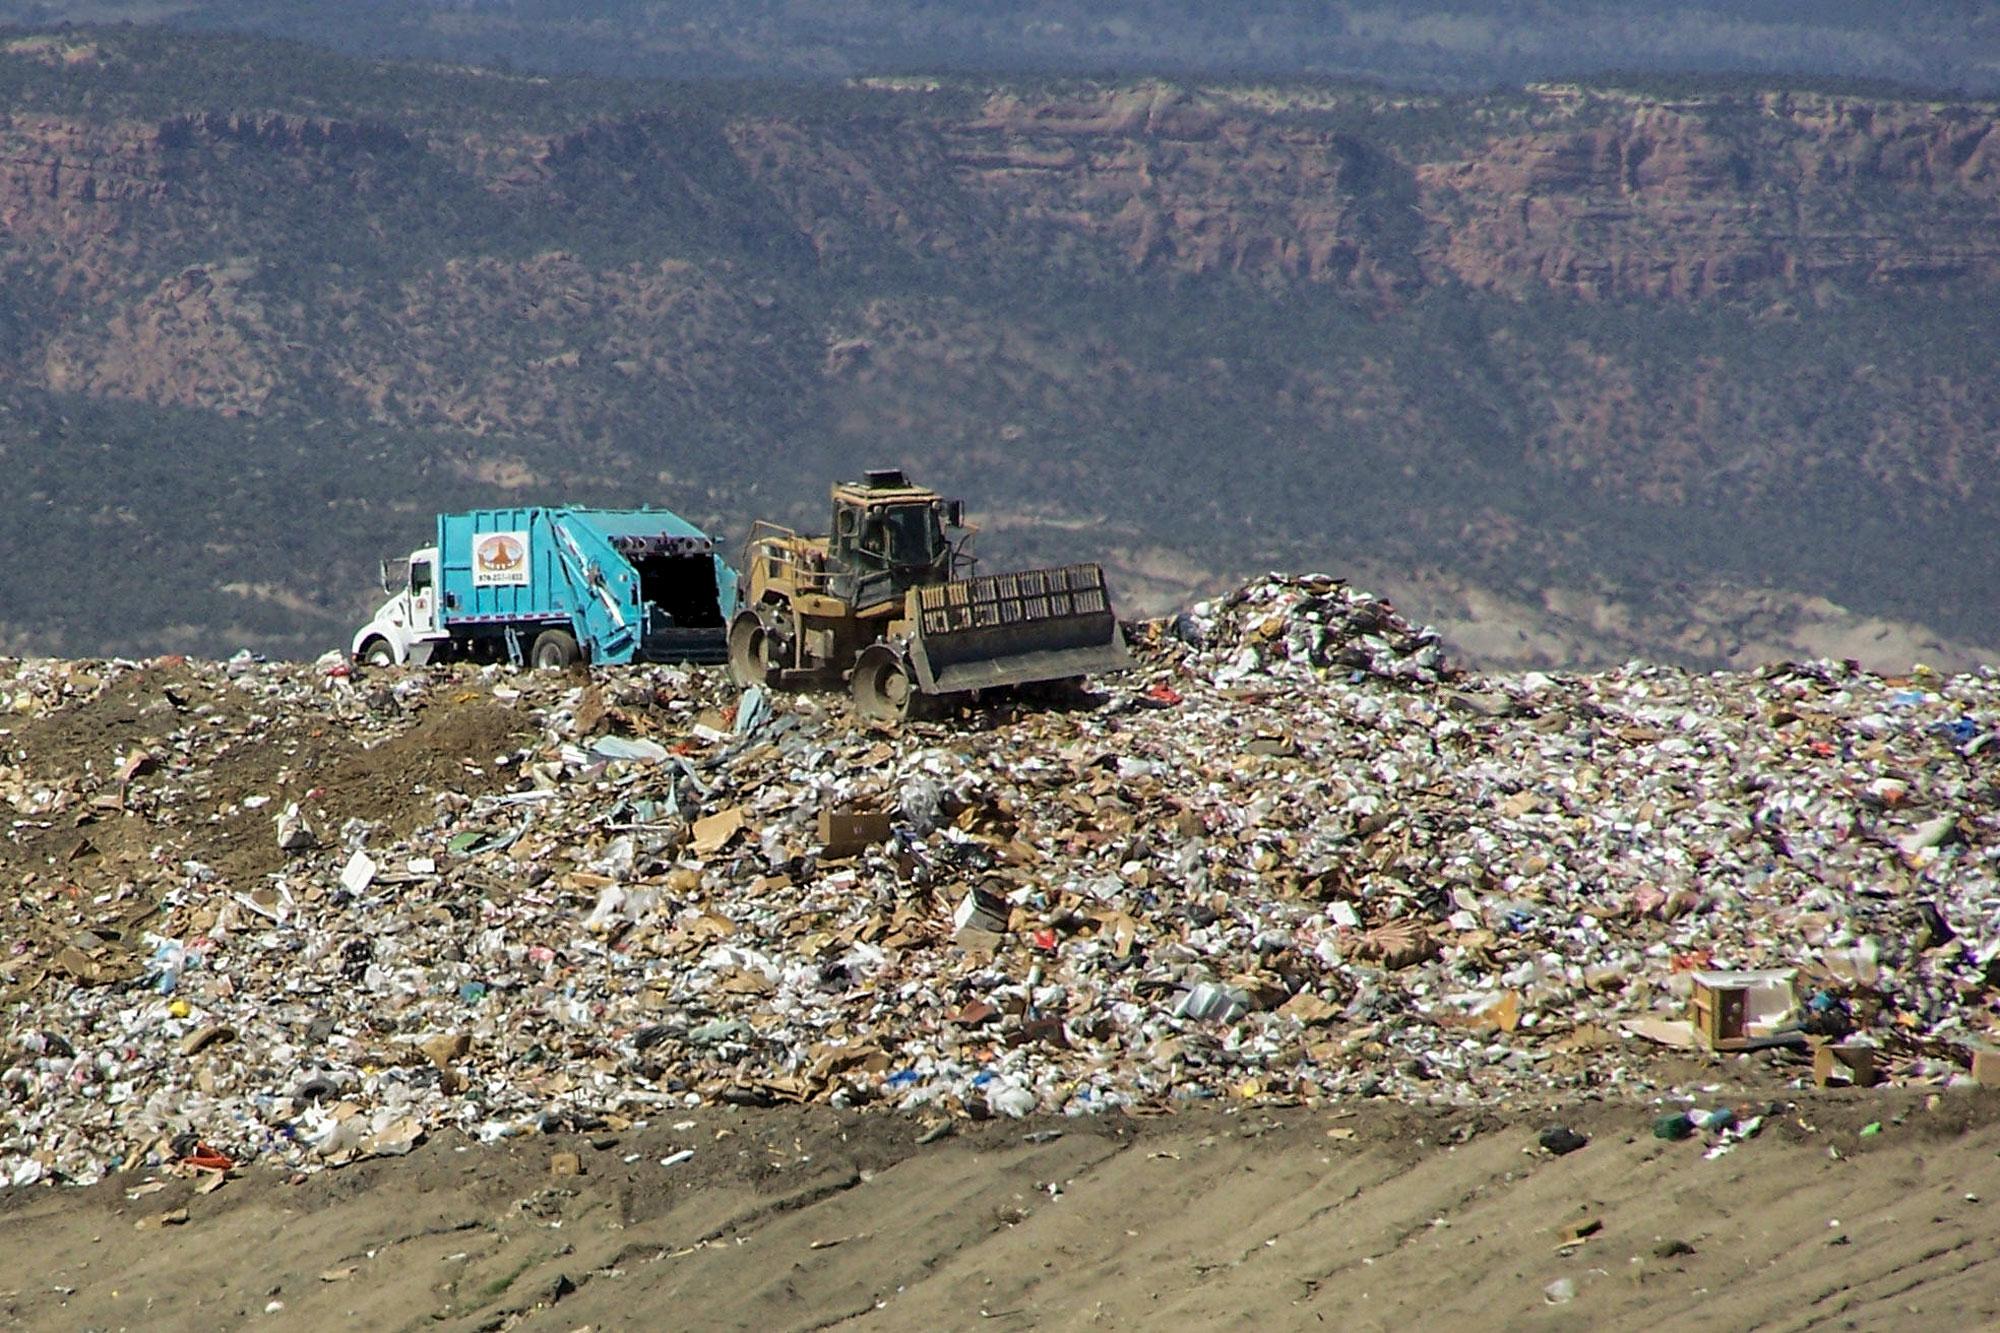 Photo: Landfill | Mesa County - Courtesy